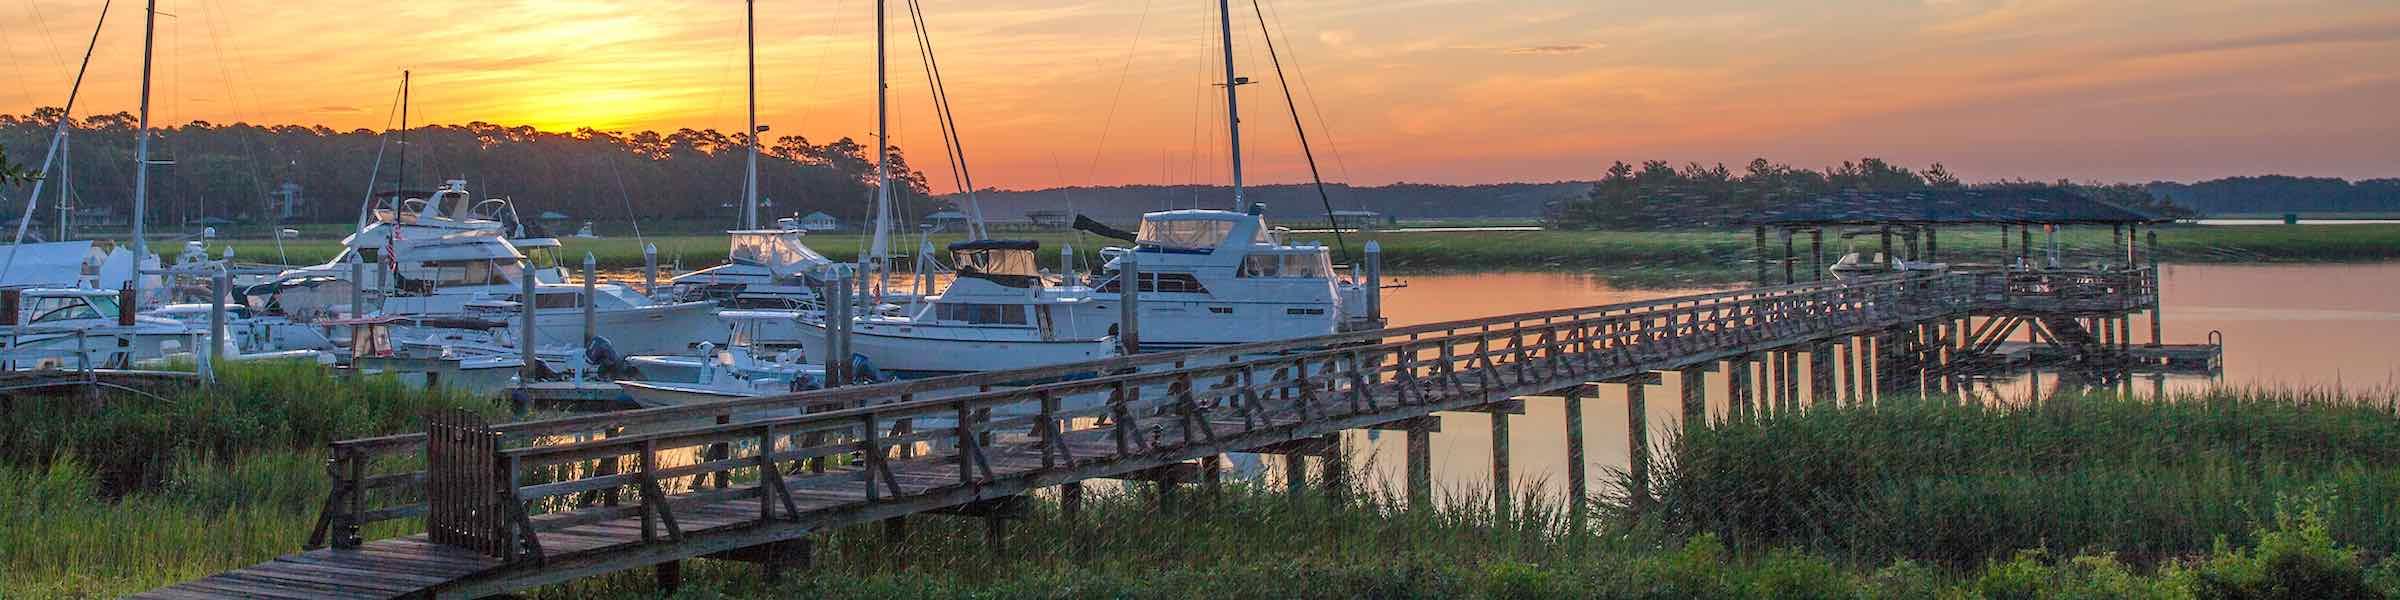 Boats on the Skidaway River at Isle of Hope, Savannah, GA, at sunset.